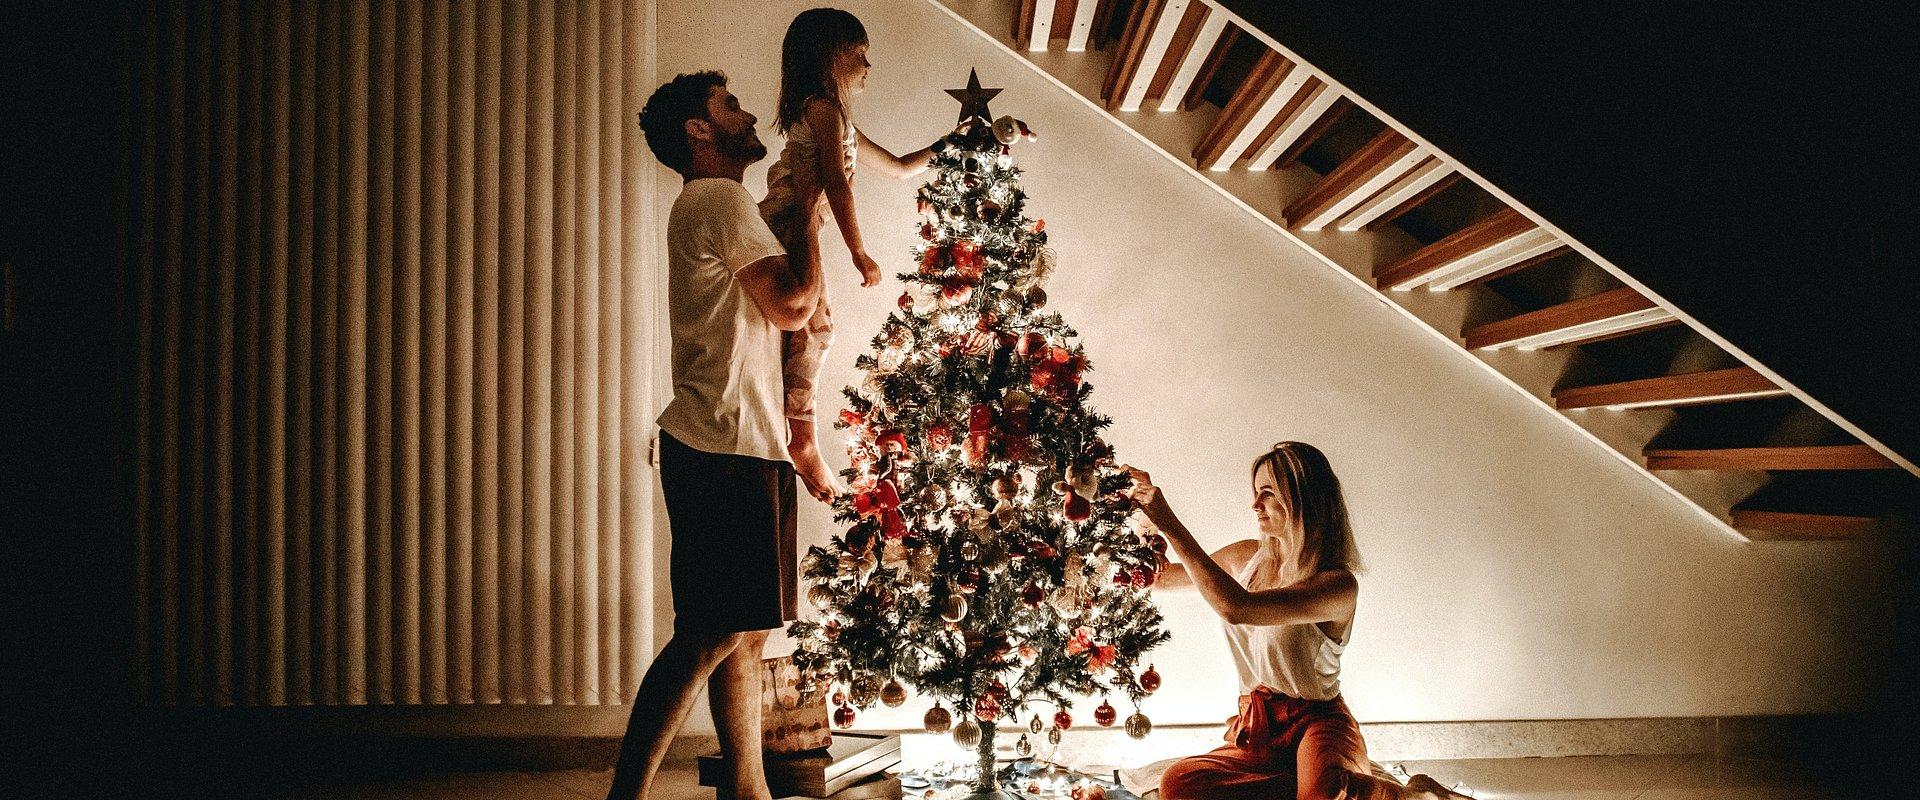 O melhor de Portugal neste Natal